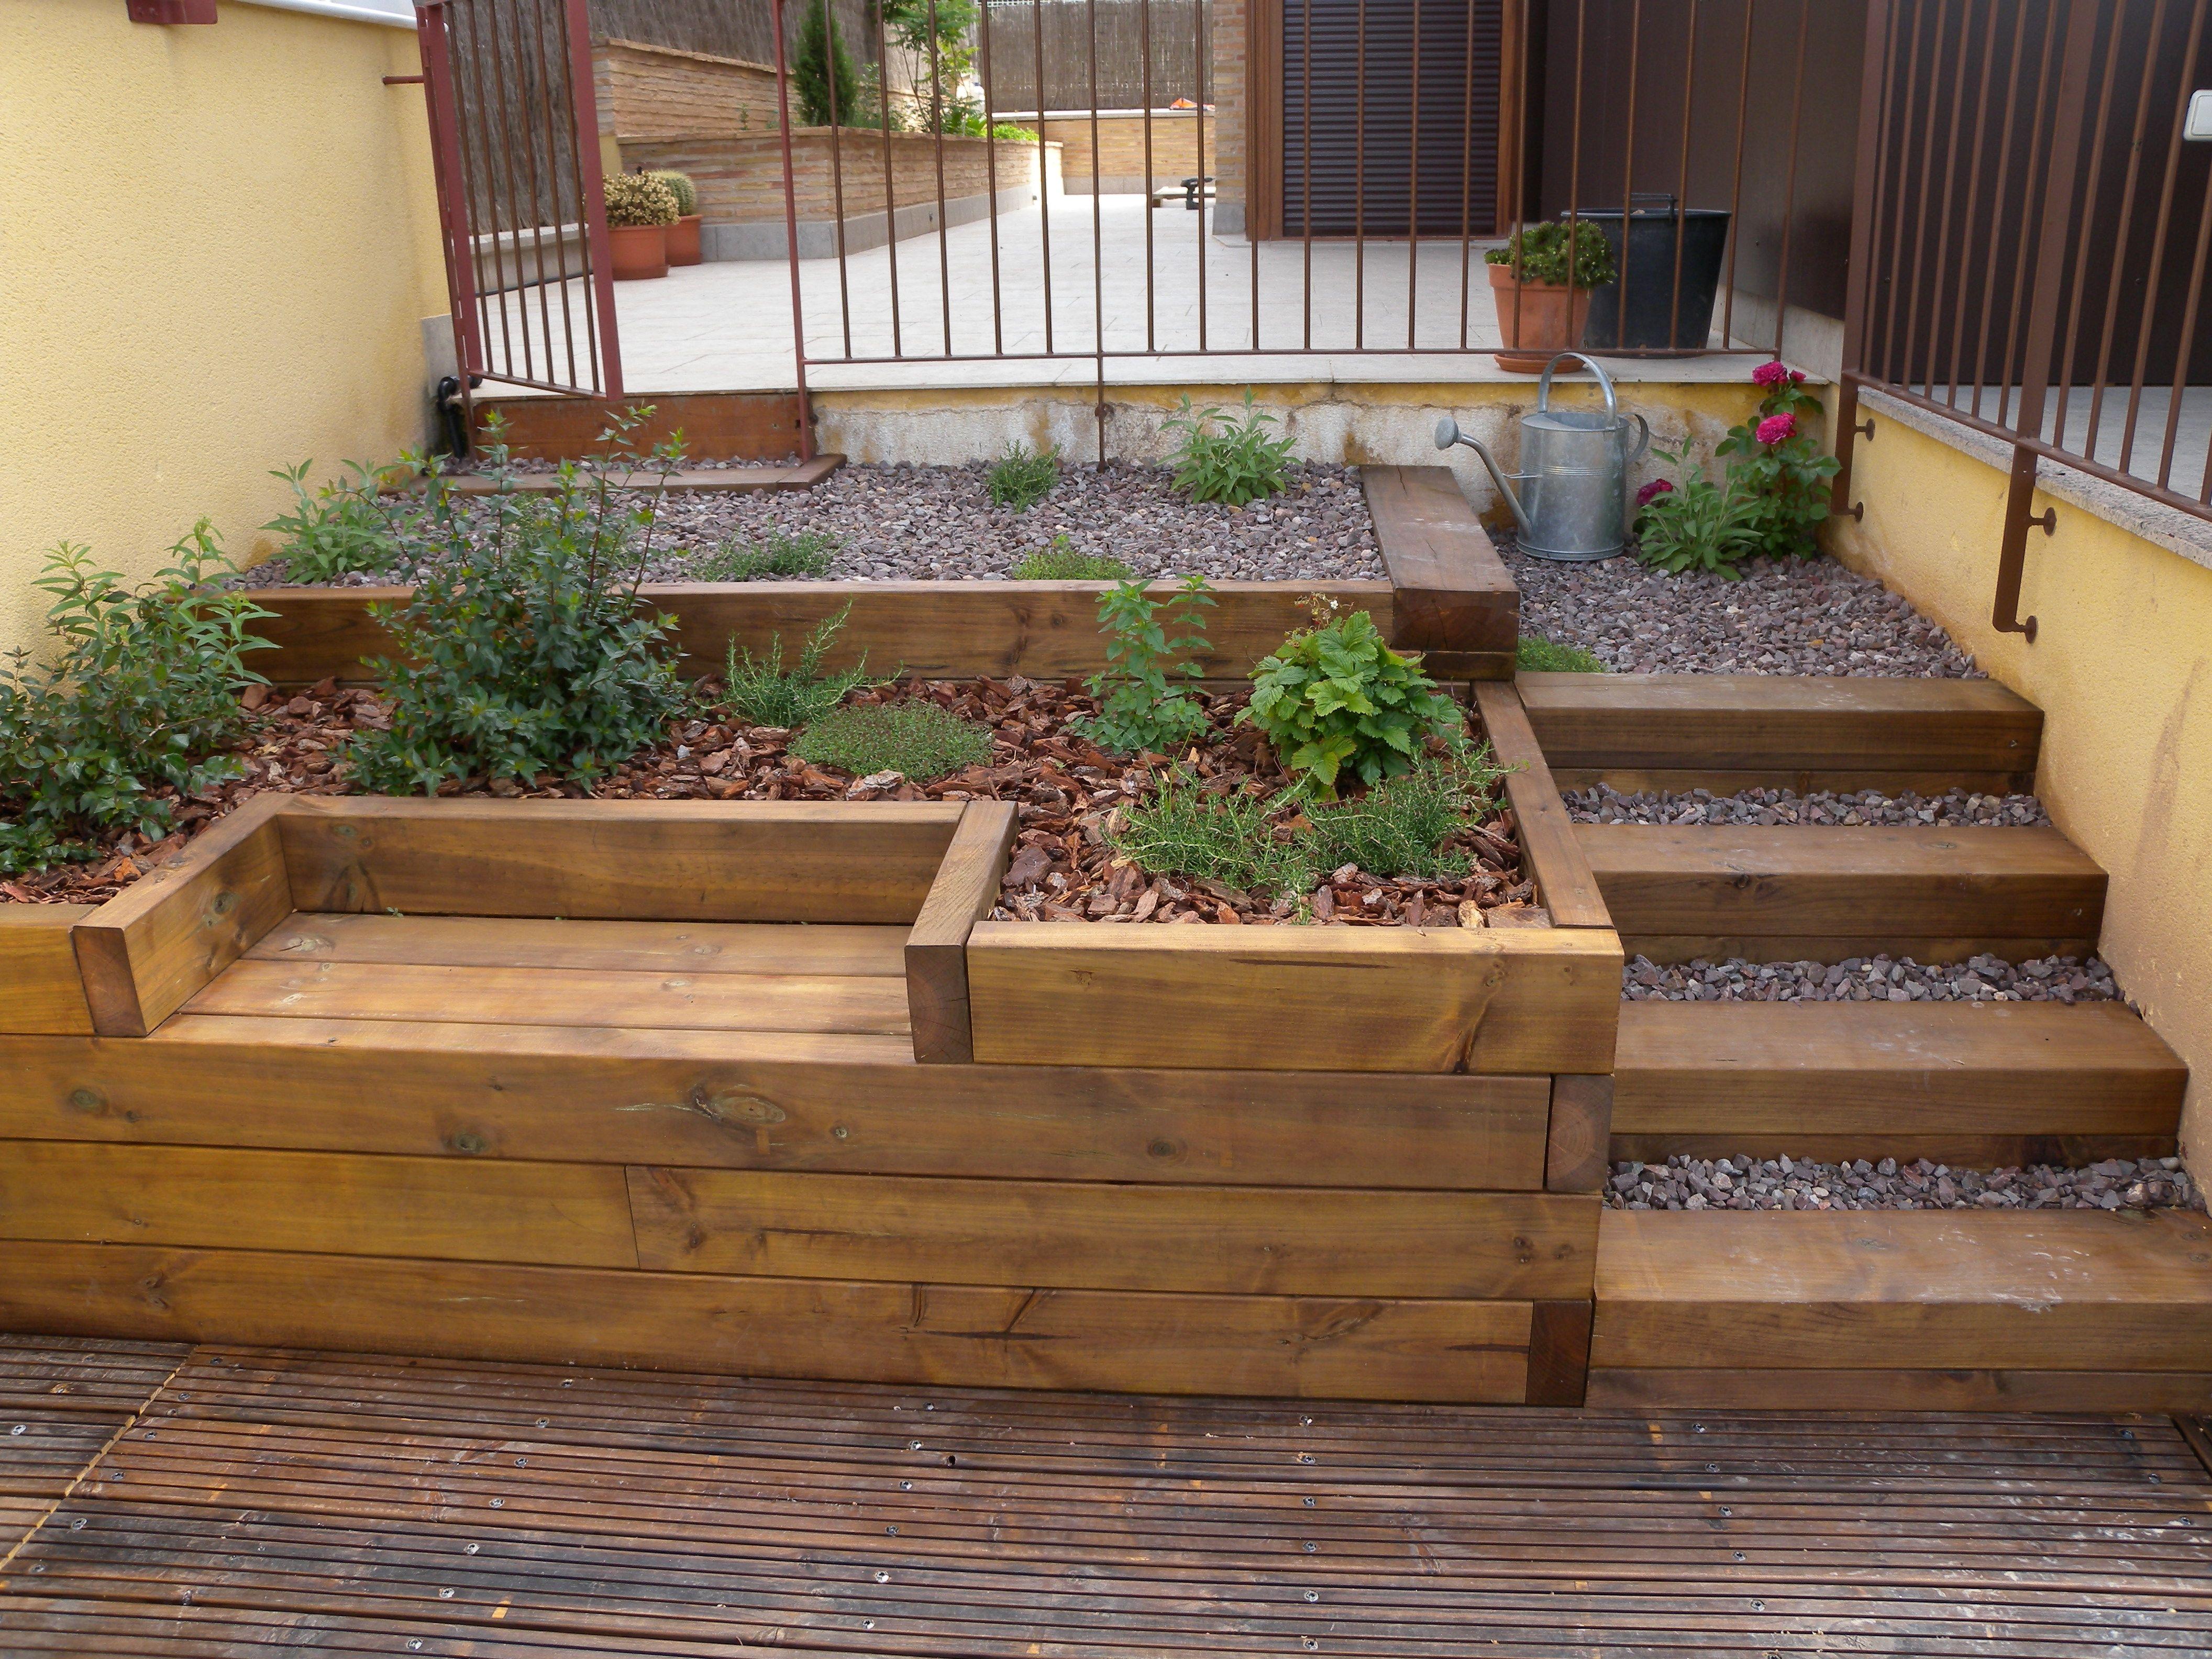 Escaleras banco y jardinera resueltos con traviesas de madera ecol gica jardin pinterest - Plantas para jardineras exteriores ...